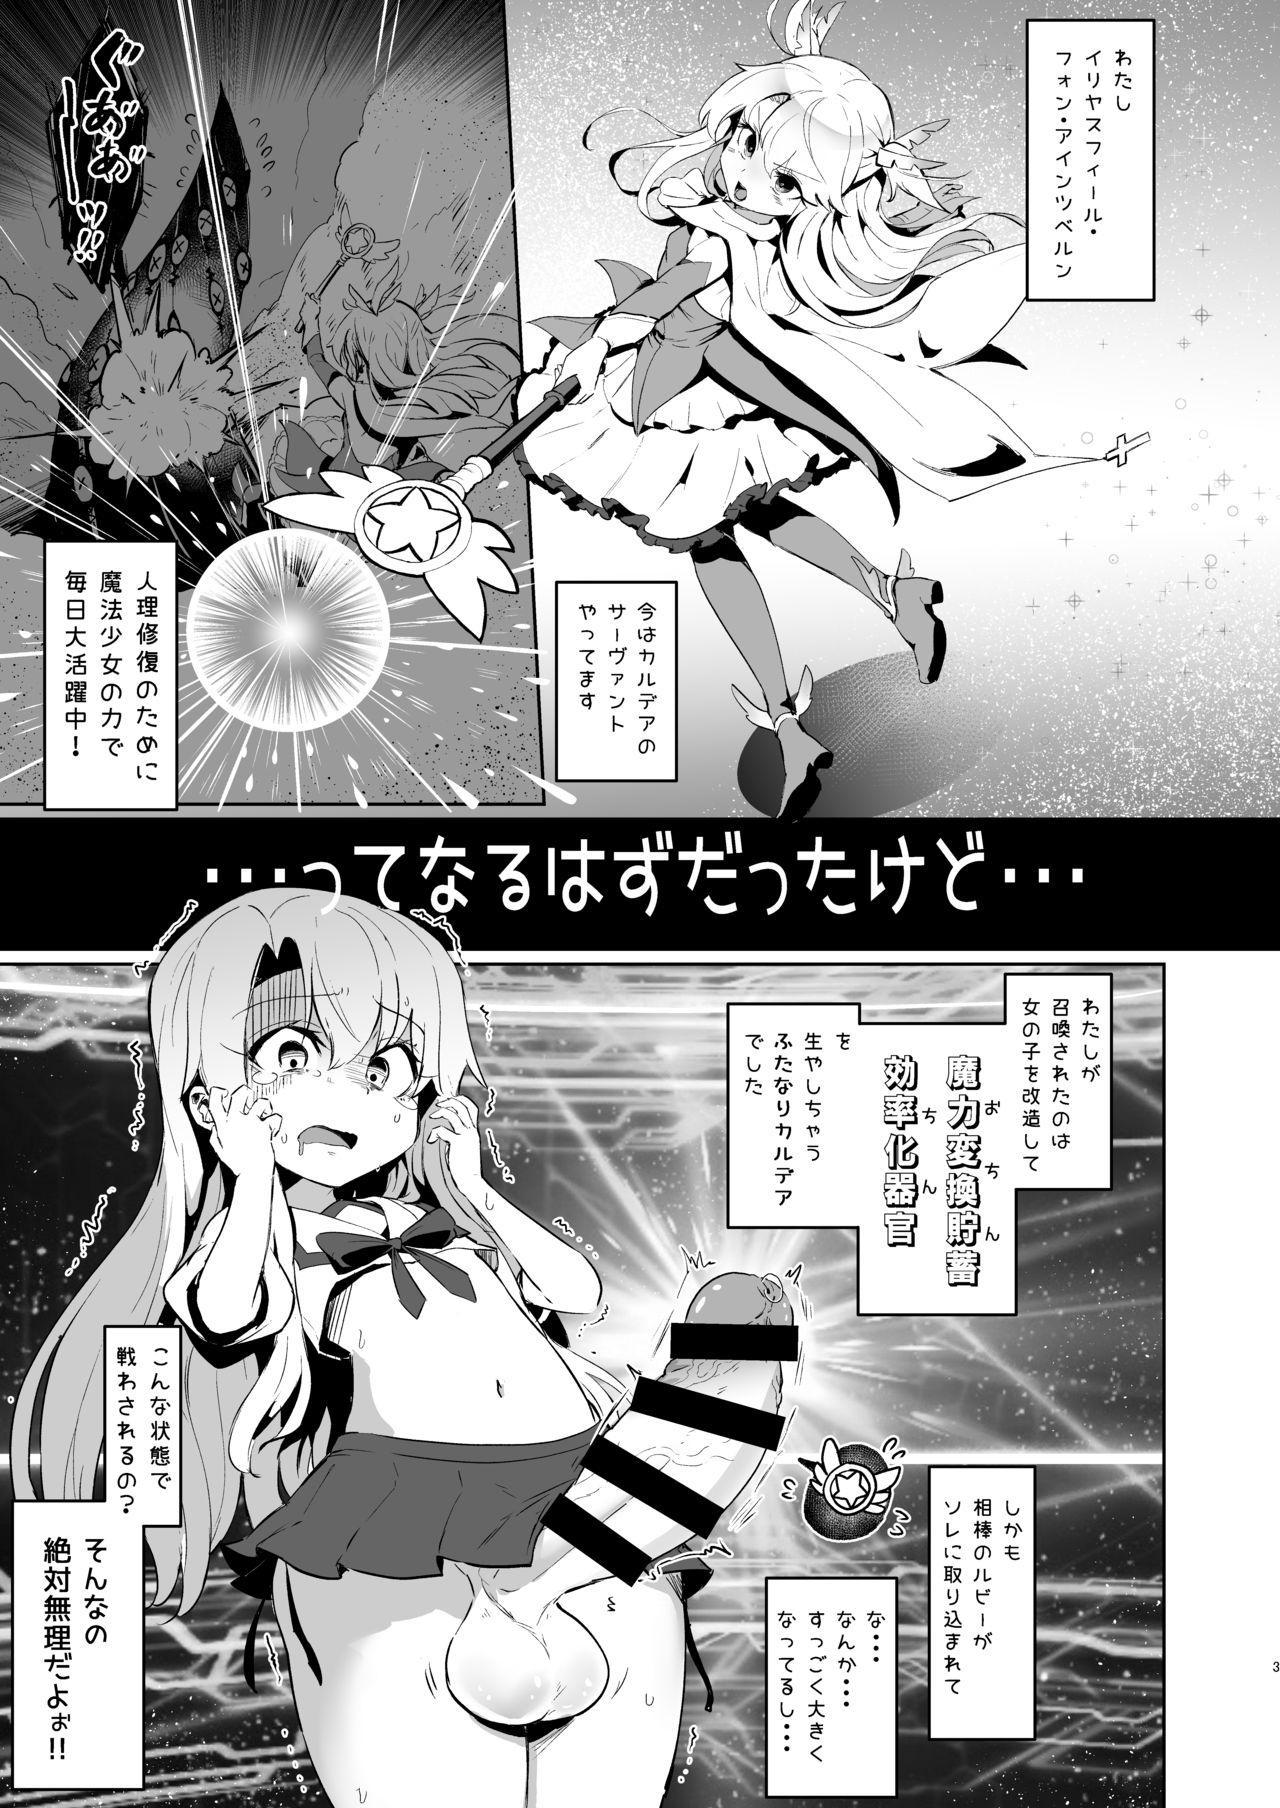 Shoukan Sareta Onnanoko wa Minna Futanari Kaizou Sarechau Hei Chaldea 2 1